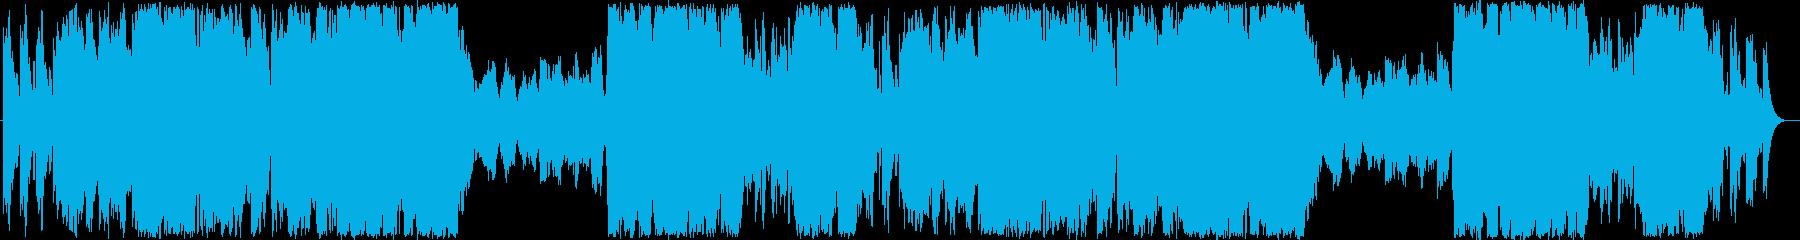 ゲームのラスボス風のオーケストラ曲の再生済みの波形